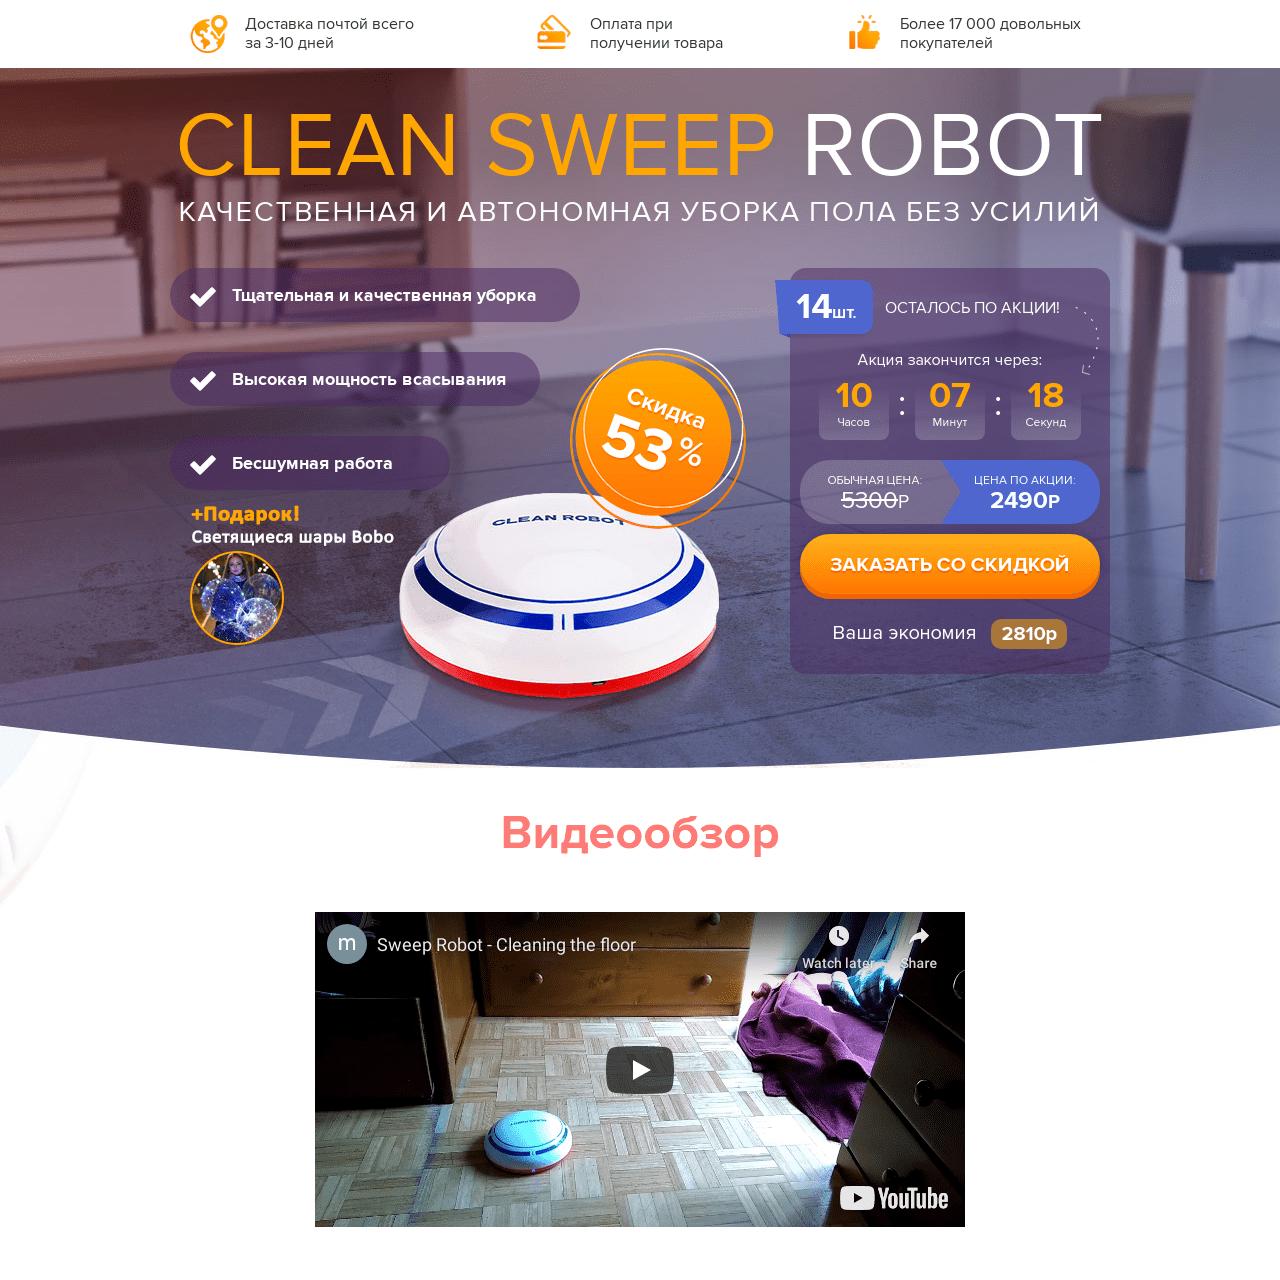 Сайт по продаже умных пылесосов